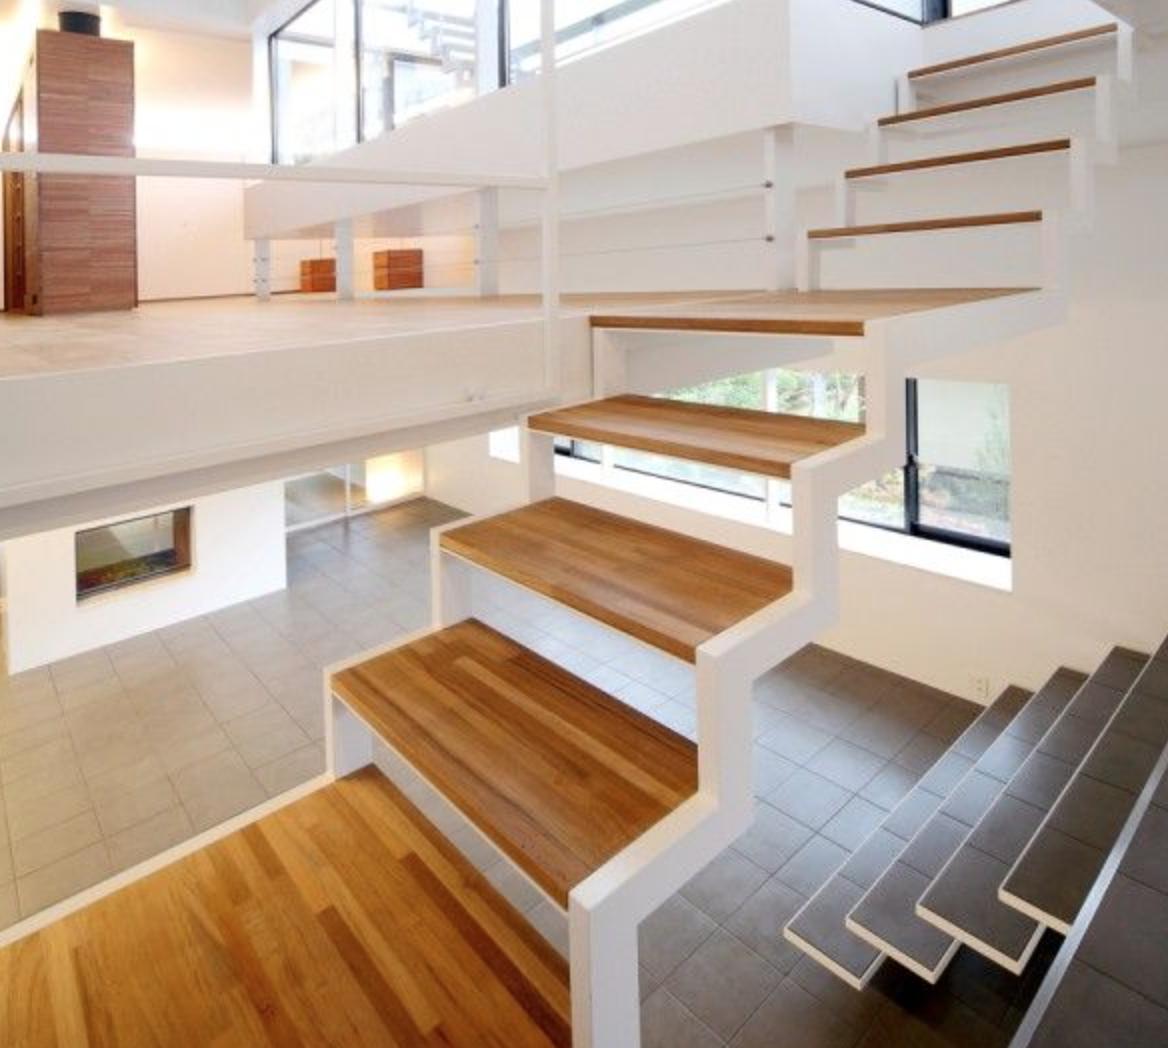 Trend freie Treppe wei Stahl Randger st Holz Elemente